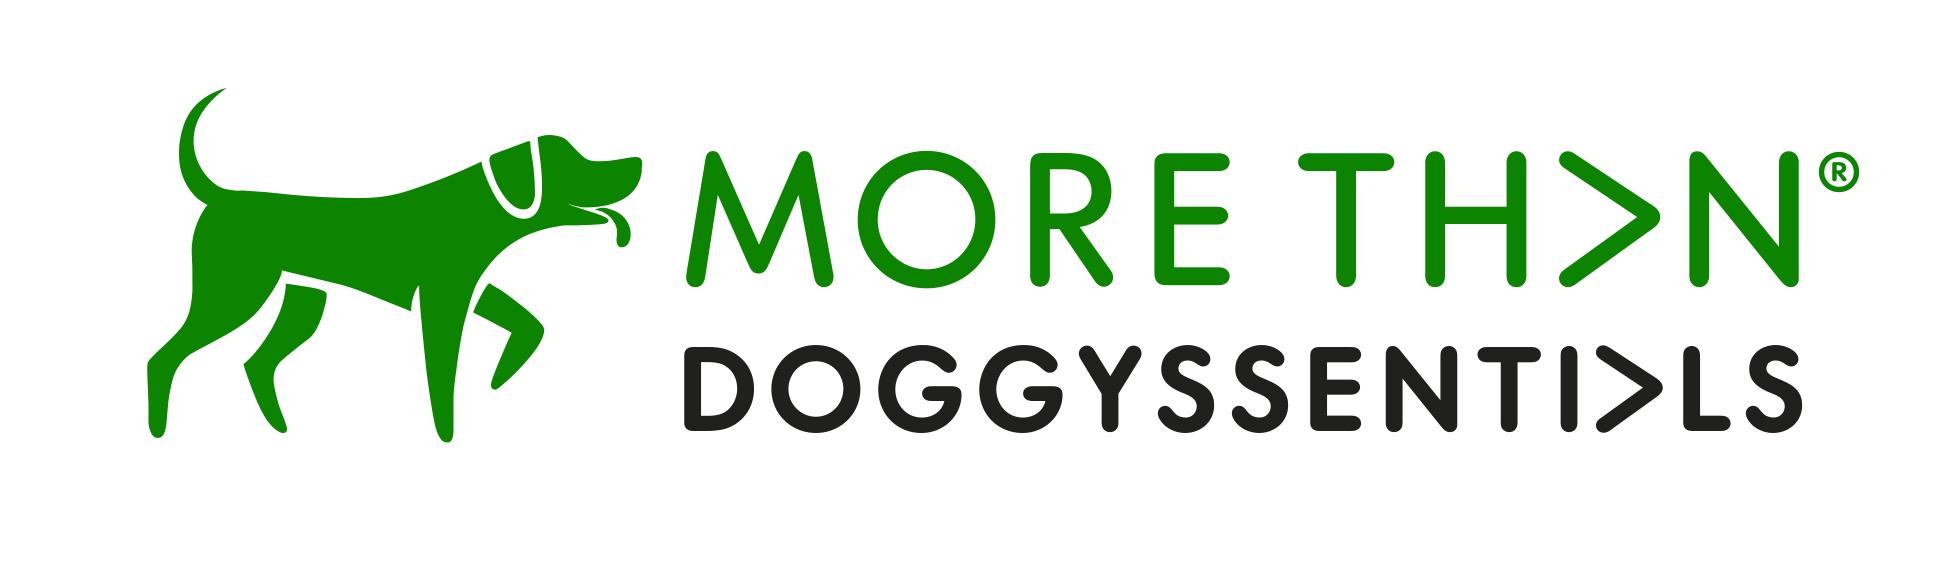 More Th>n Doggyssenti>ls logo